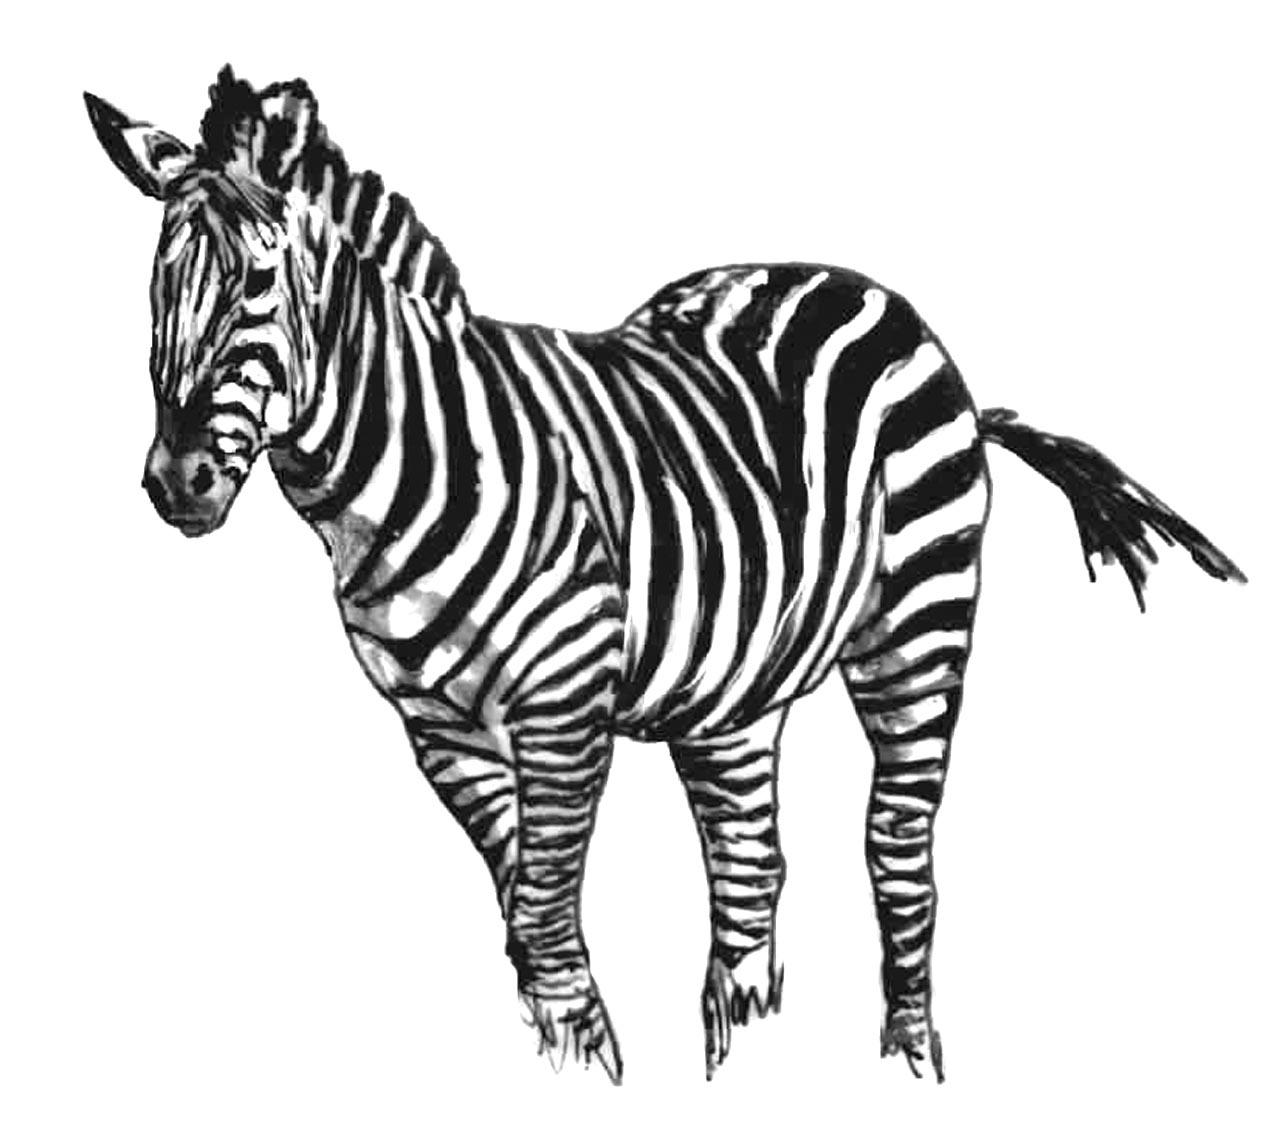 Dessin zebre dessin gratuit - Dessin animaux noir et blanc ...